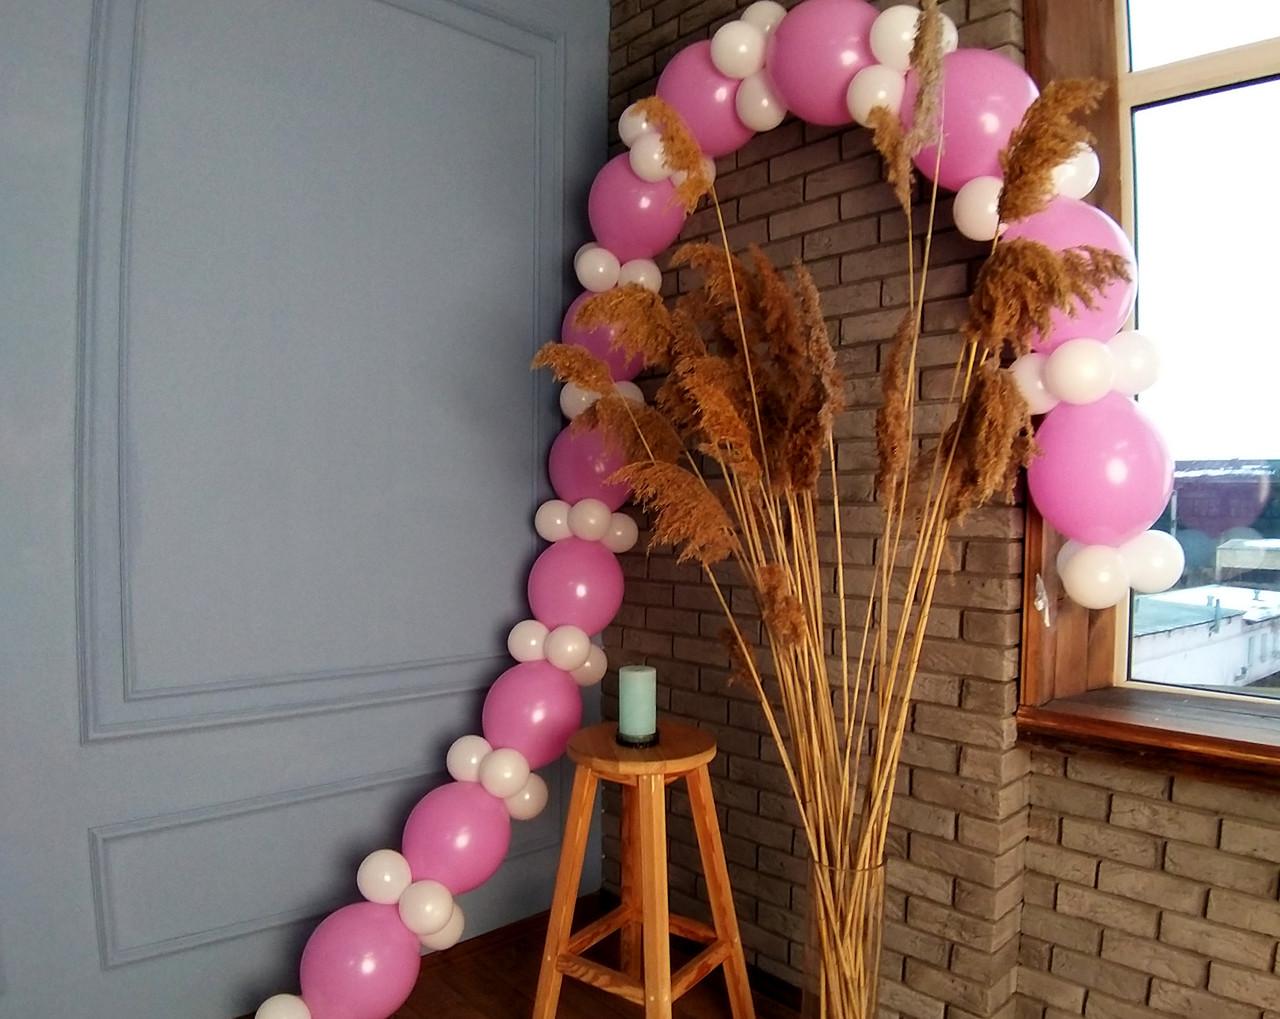 Гирлянда с воздушных шариков (бело-розовая) + насос